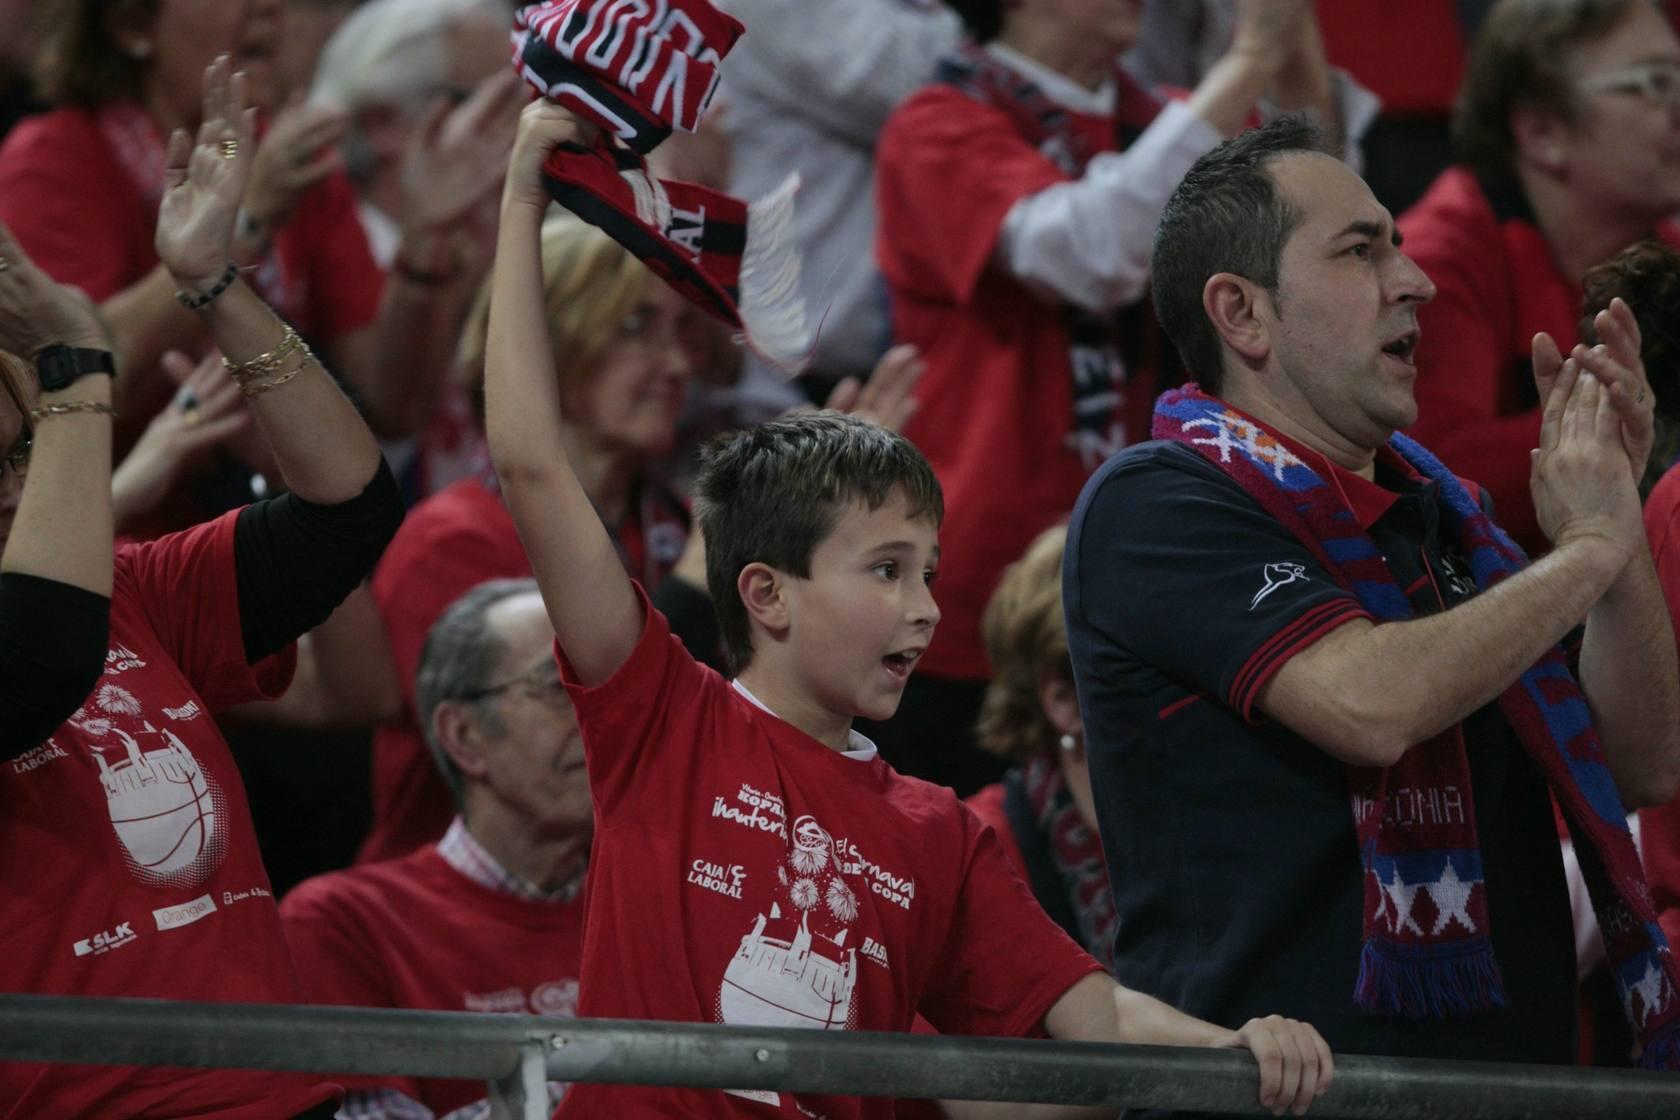 El ambiente de la Copa del Rey de Vitoria 2013 en el primer día de competición